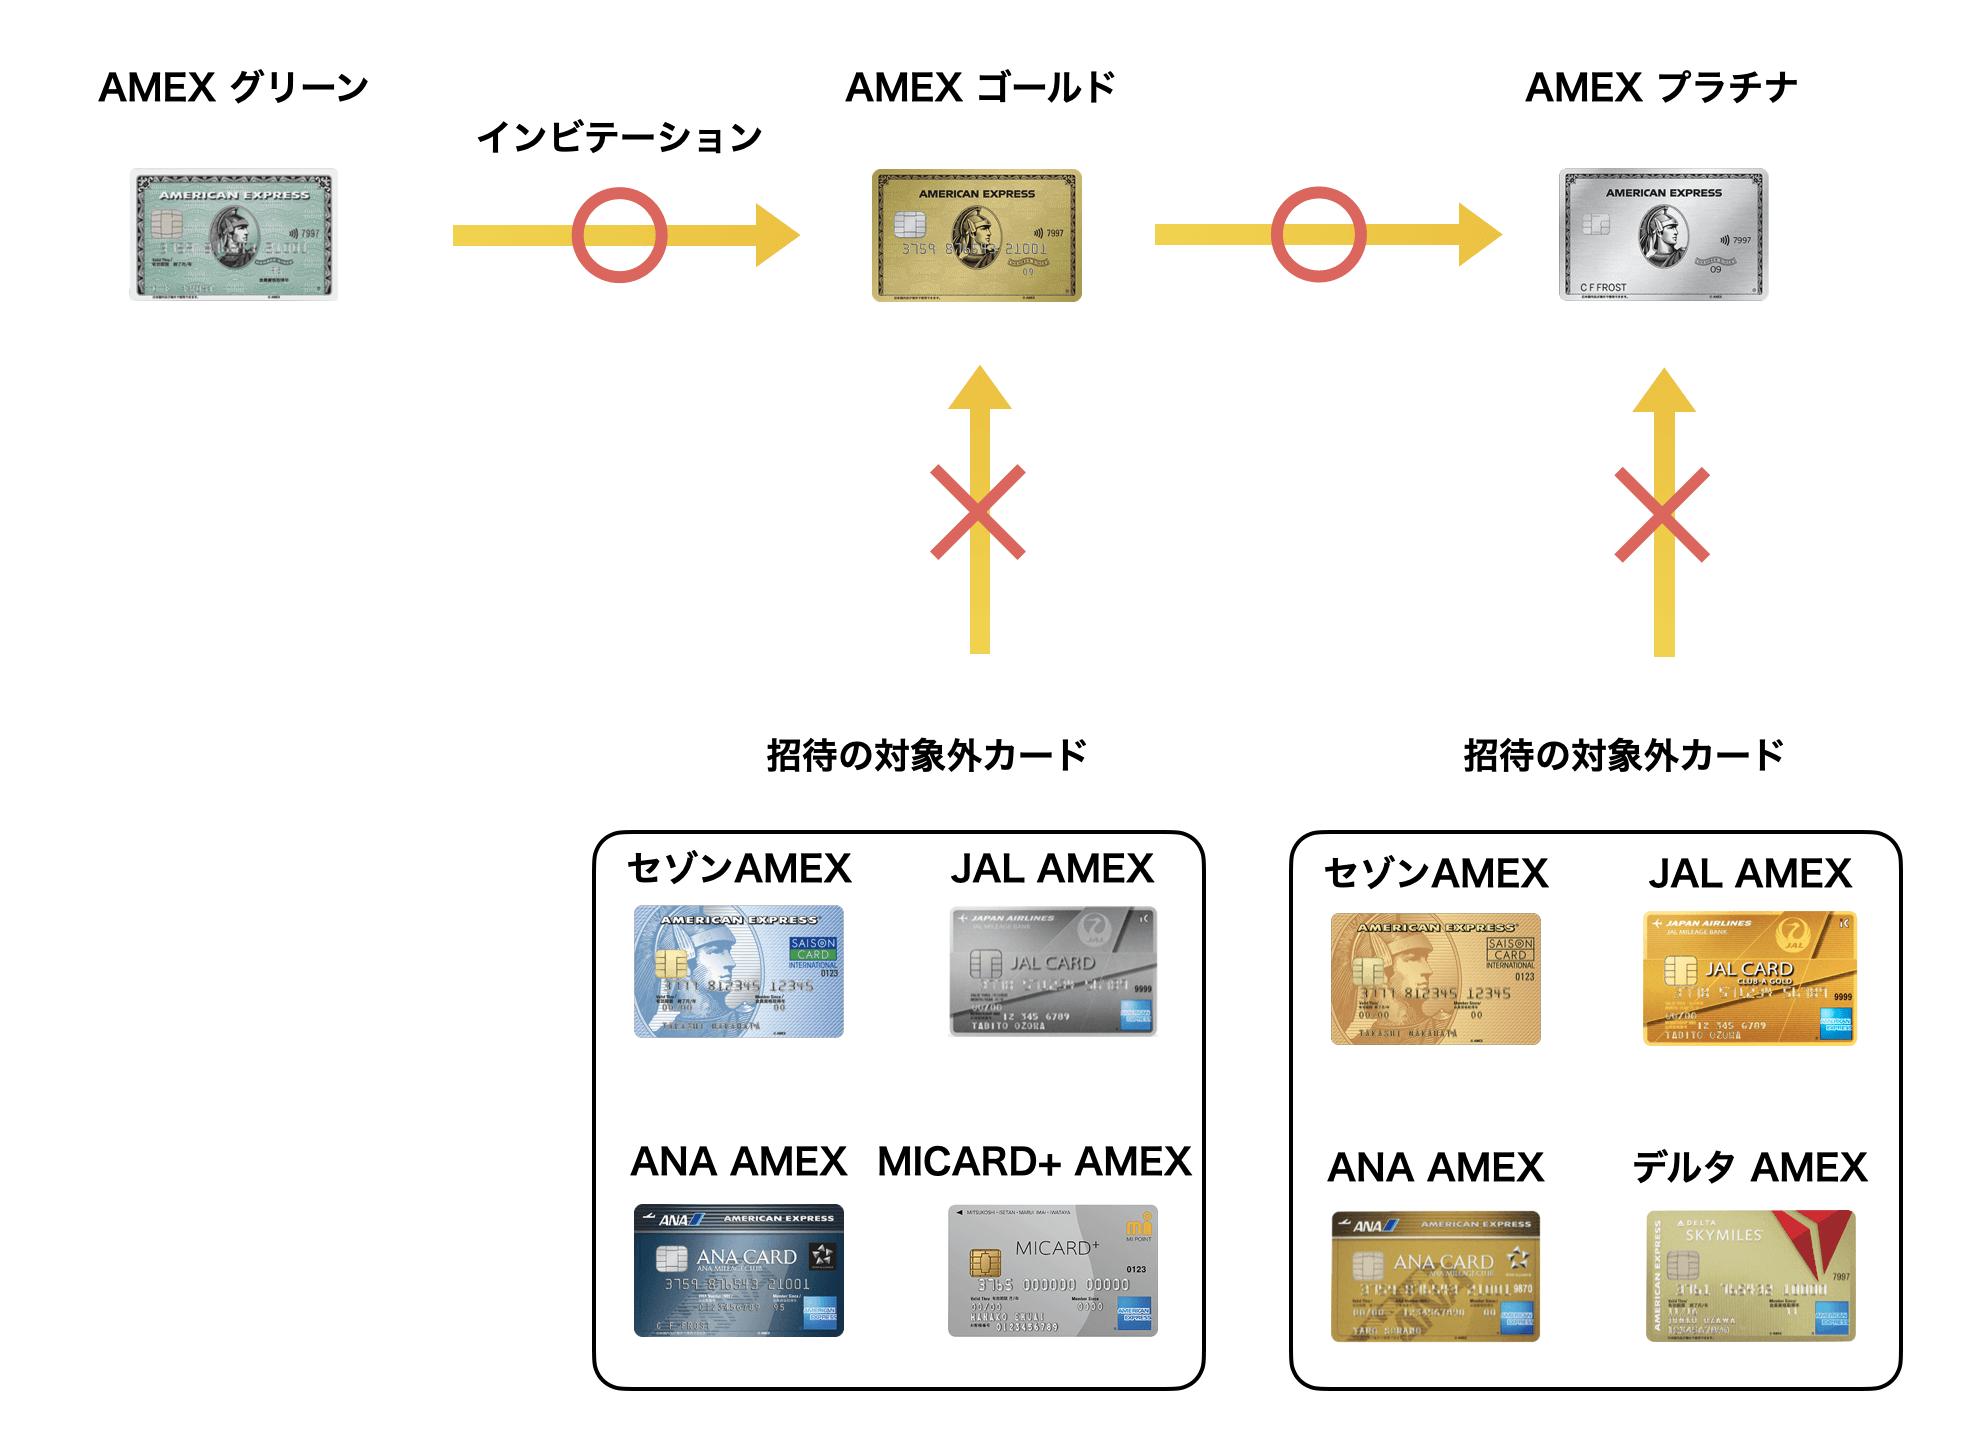 アメックスが付いたクレジットカードのインビテーションの例